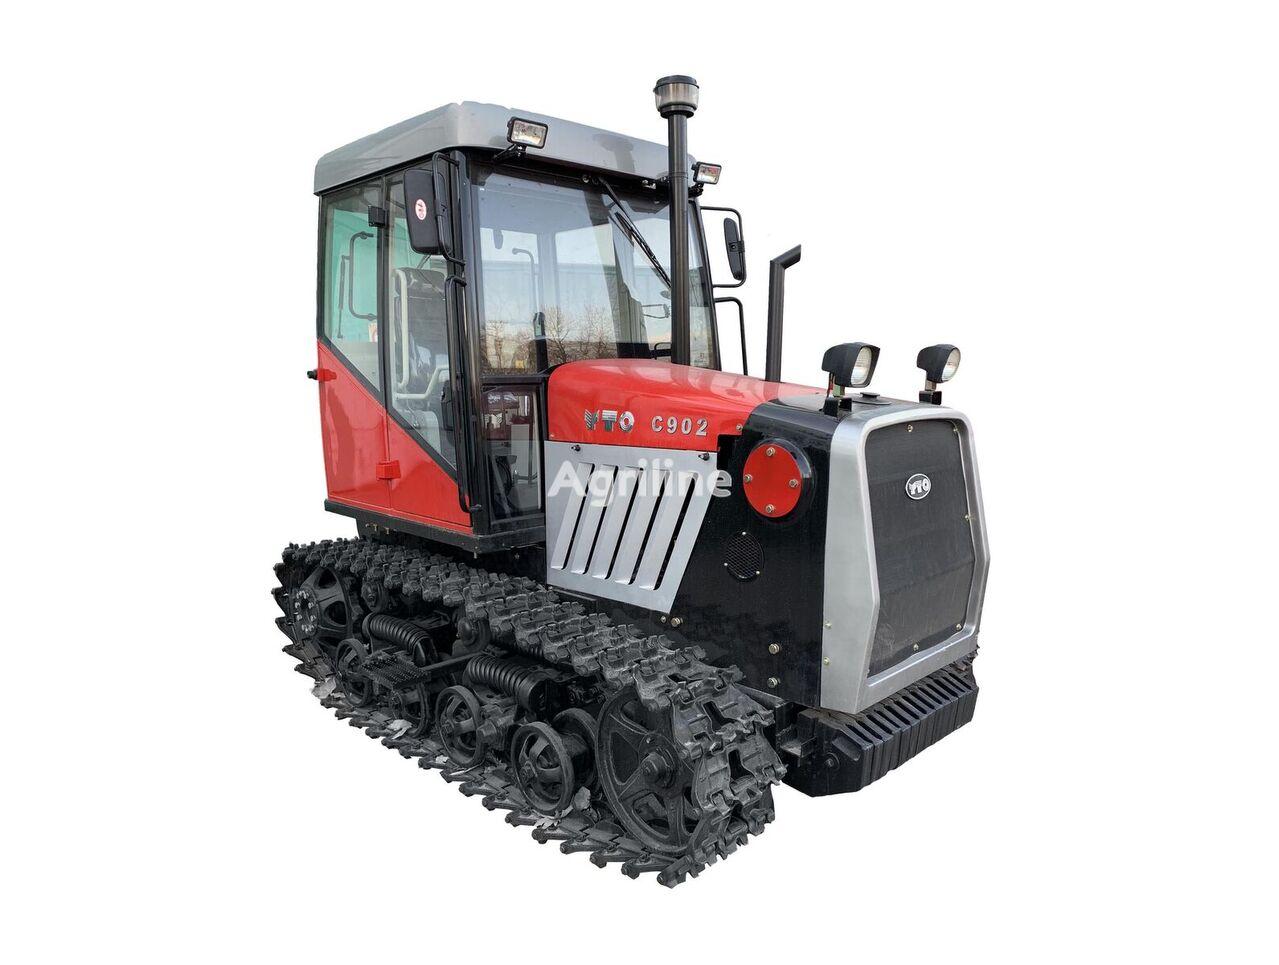 new YTO C-902 crawler tractor